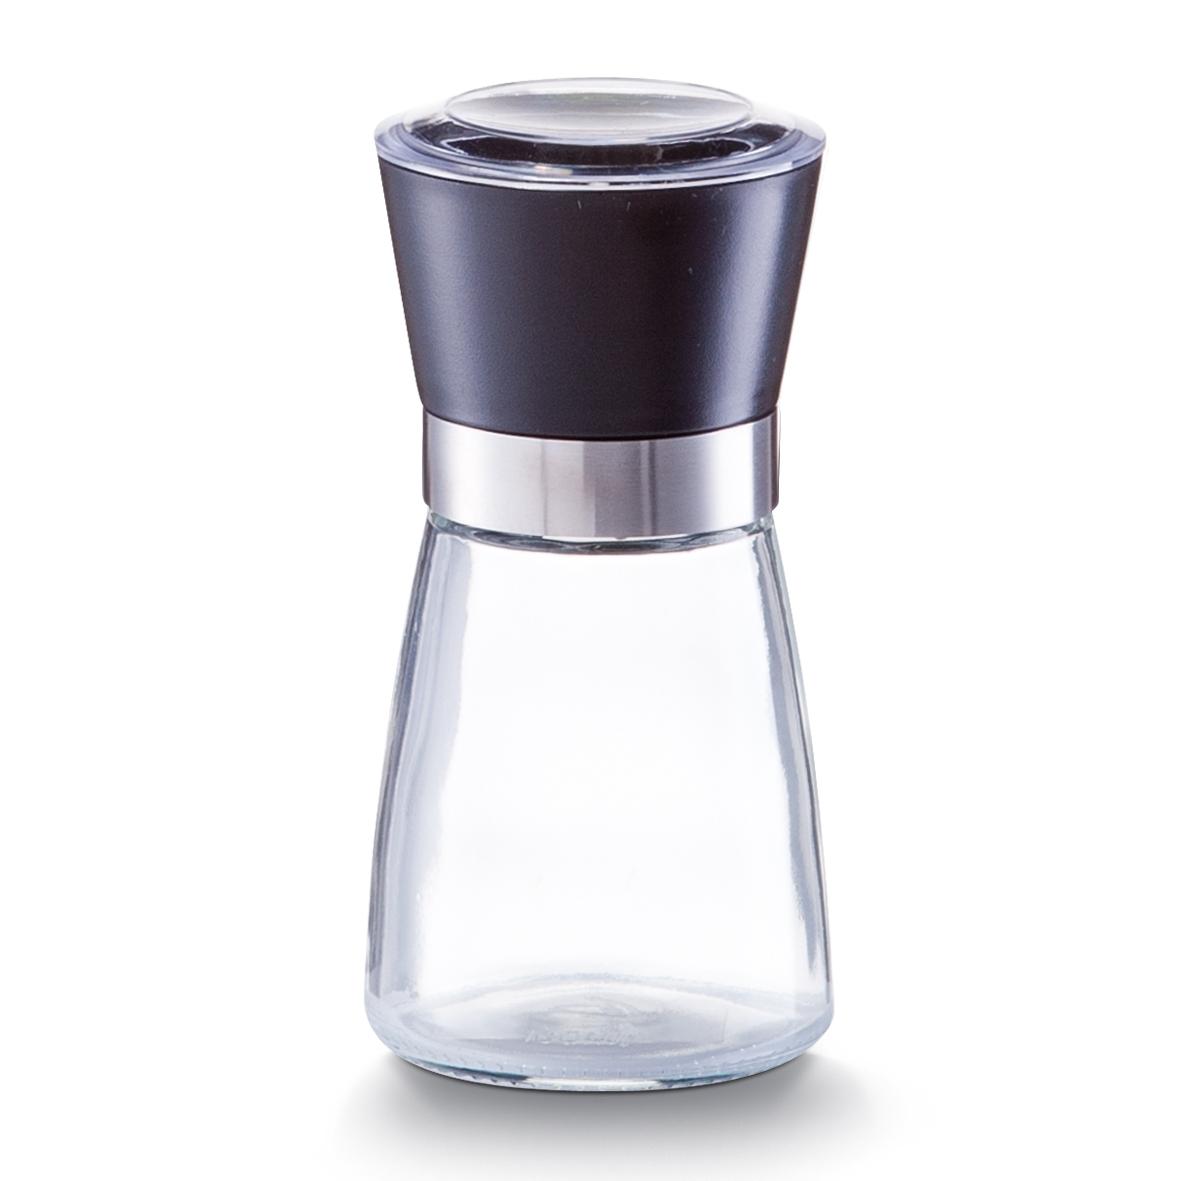 Rasnita sare / piper din sticla si plastic, Small Black Ø 6,5xH13,6 cm